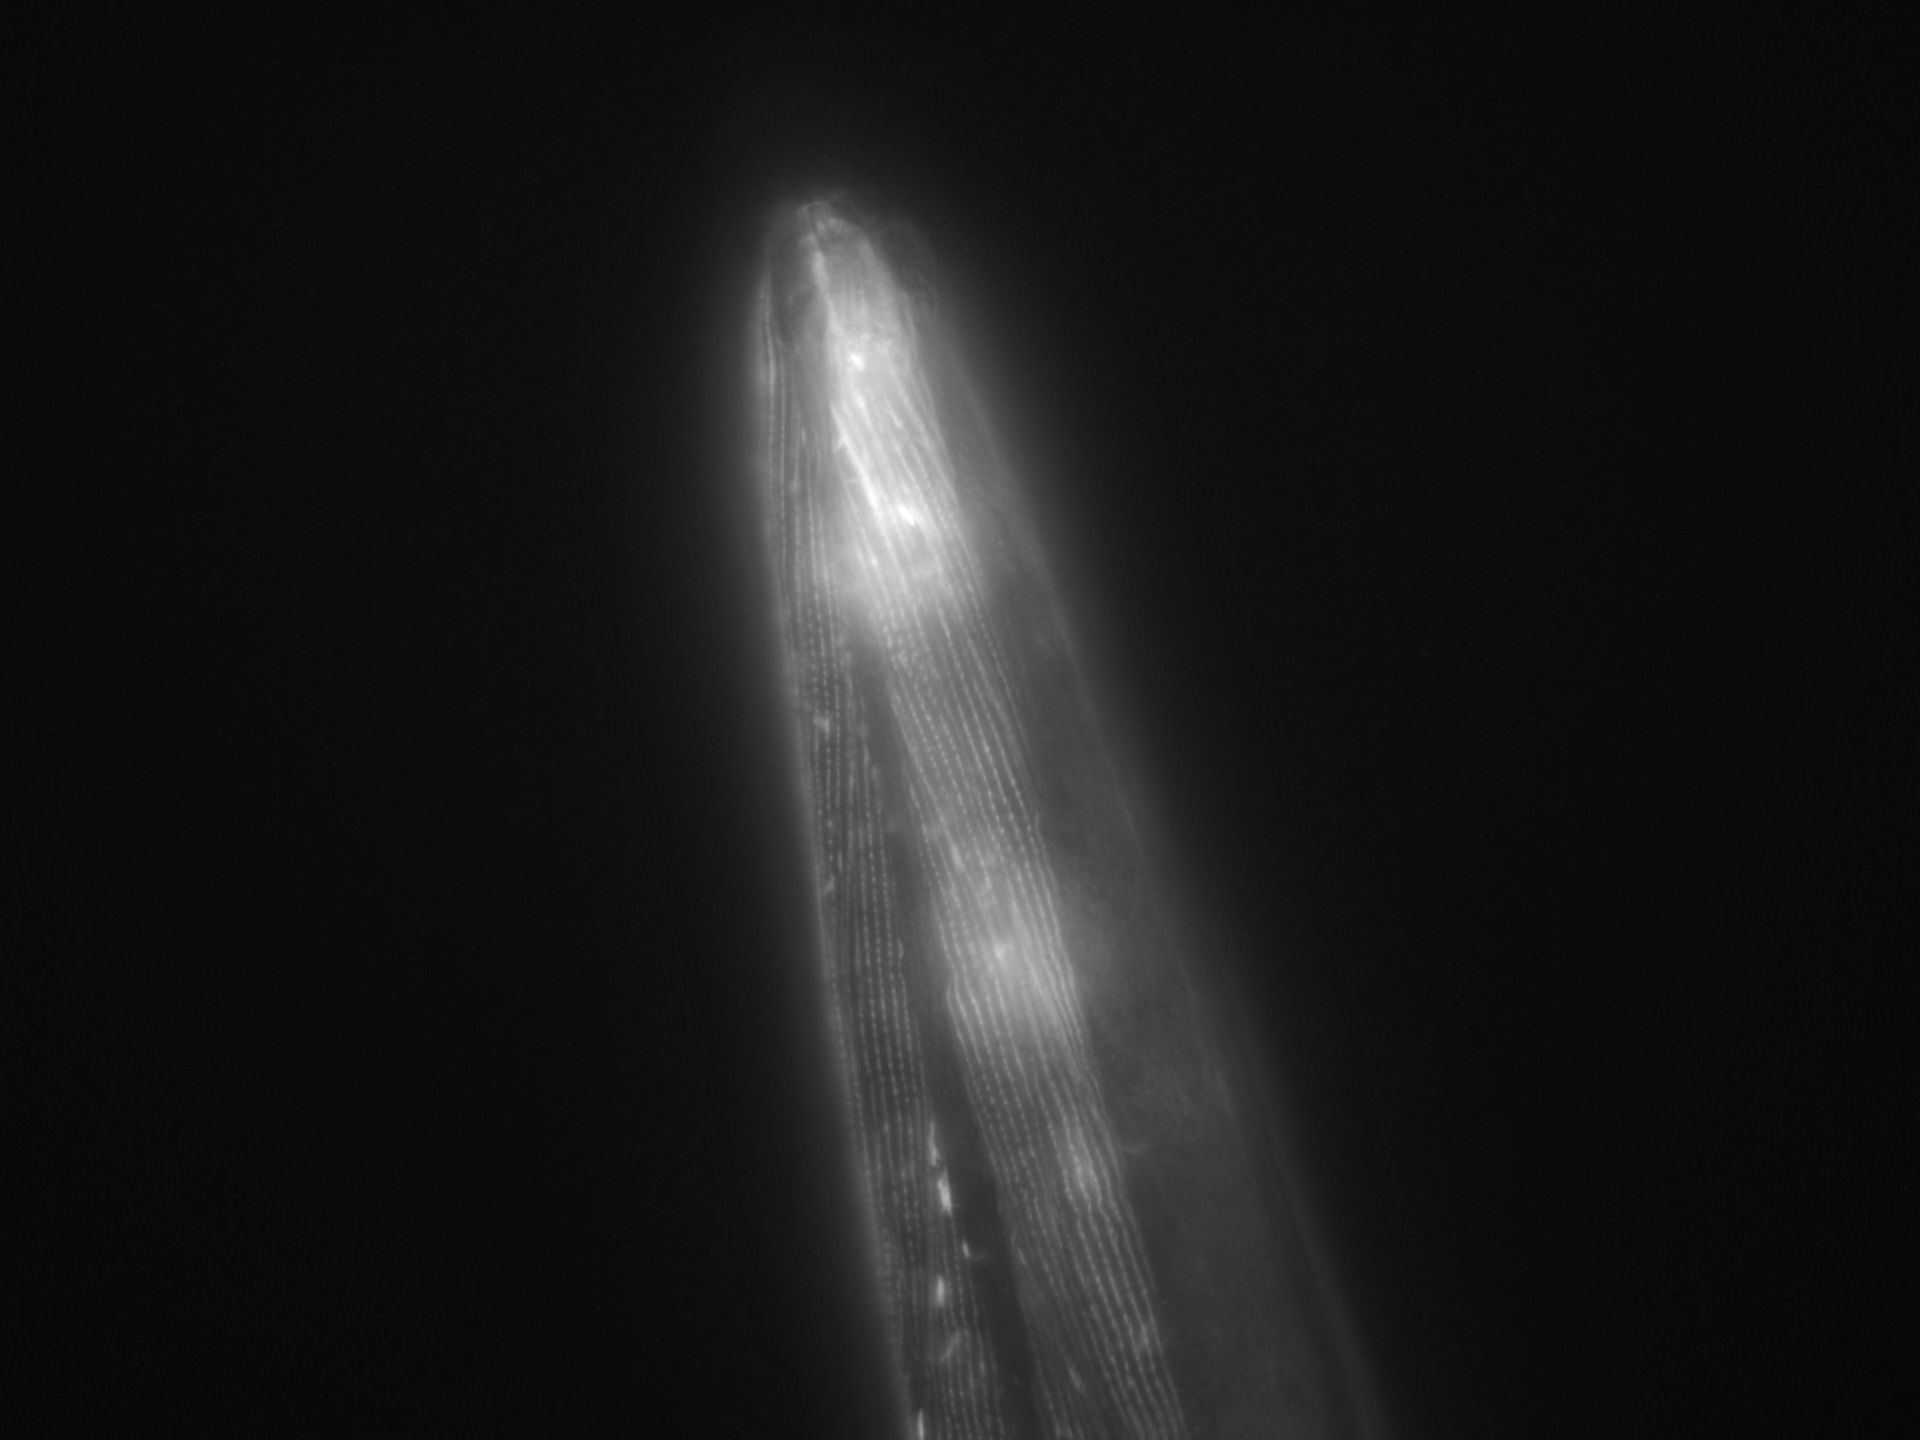 Caenorhabditis elegans (Actin filament) - CIL:1013